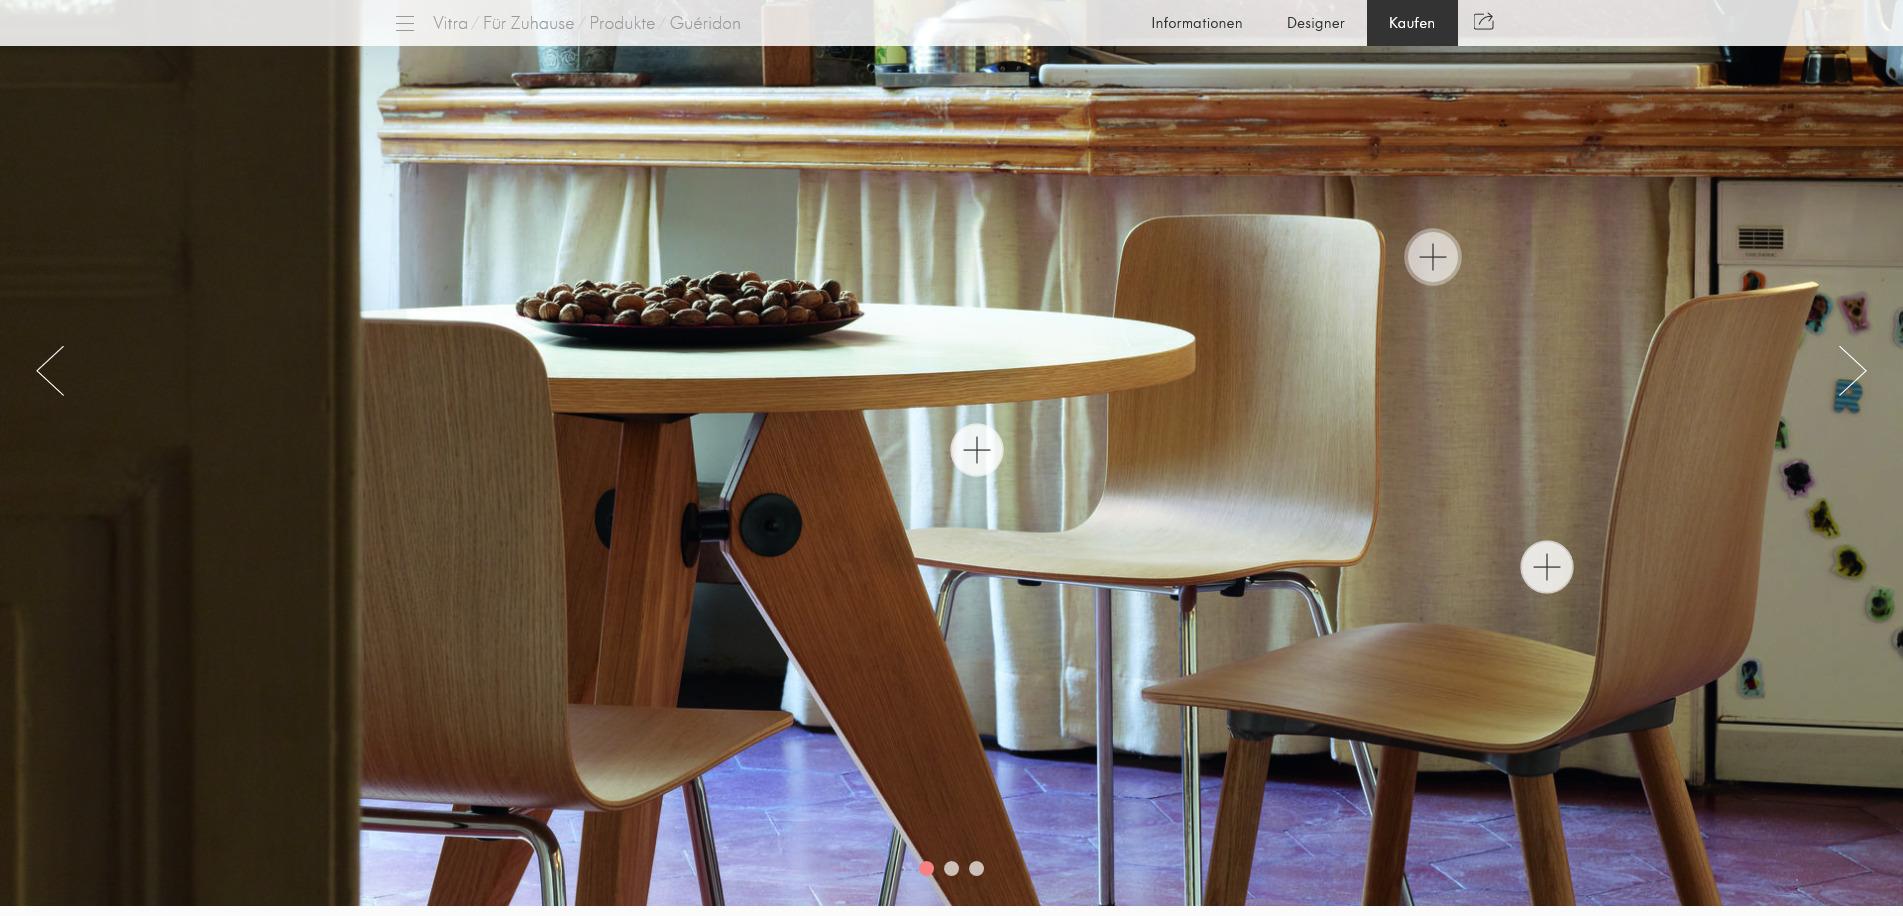 Inspiration Bauhaus Jean Prouve Gueridon Tisch